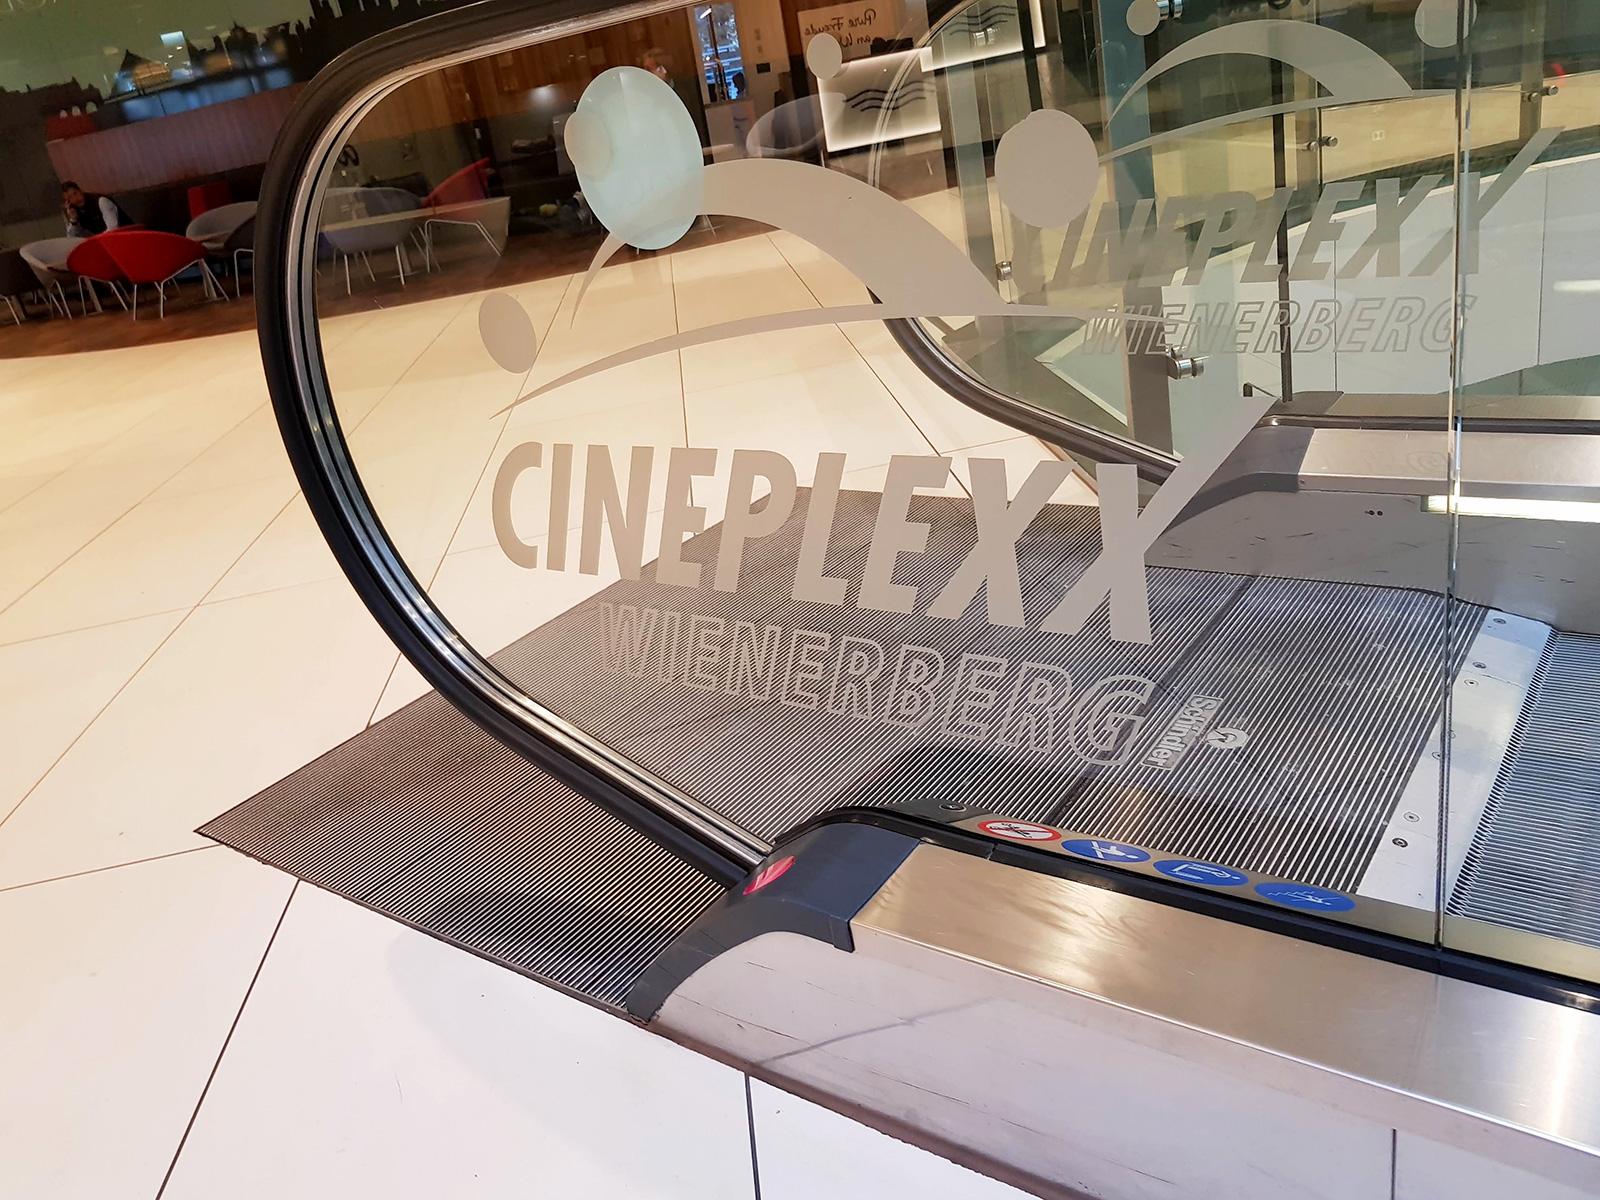 Cineplexx Wienerberg in Vienna, Austria